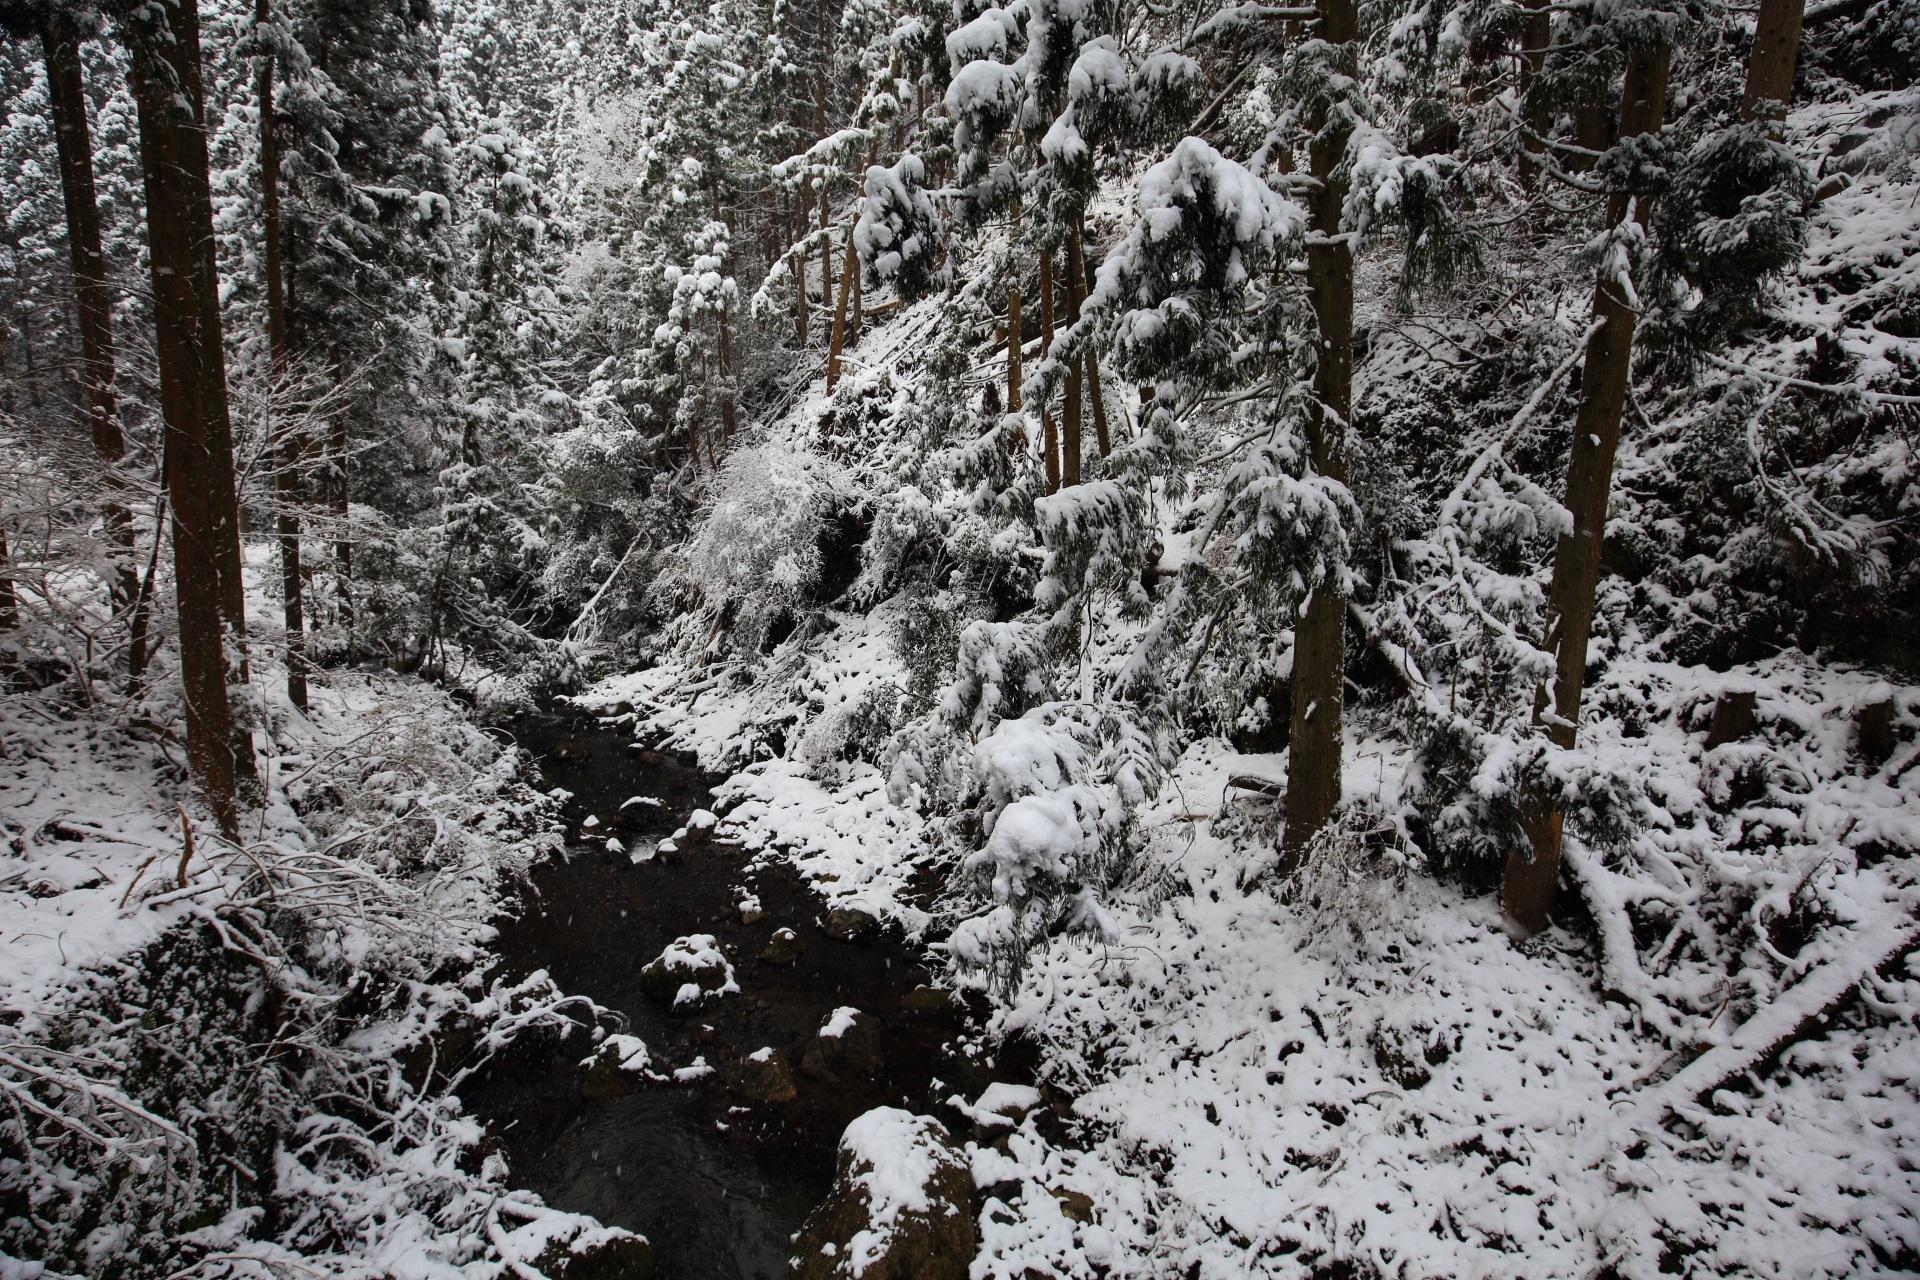 貴船川と真っ白に染まる木々